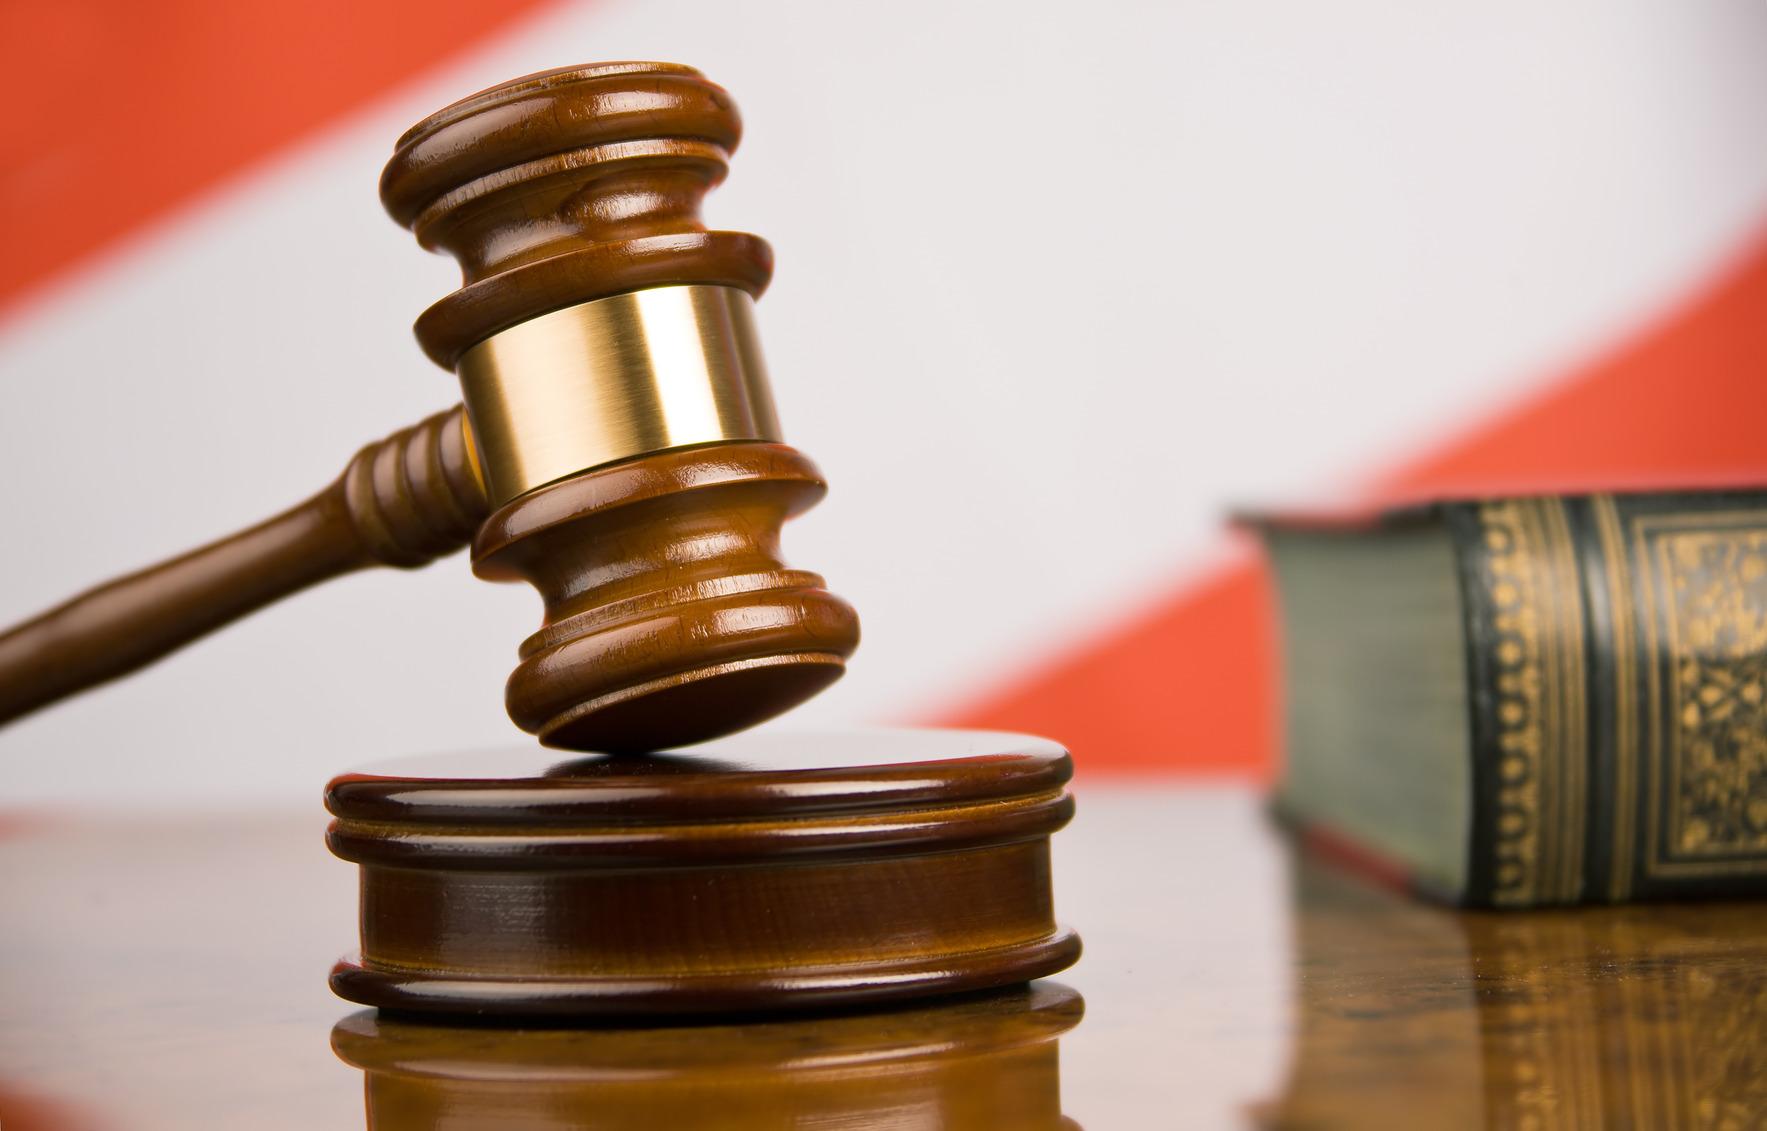 Верховный Суд оставил в силе приговор убийцам пенсионерки в Забайкалье